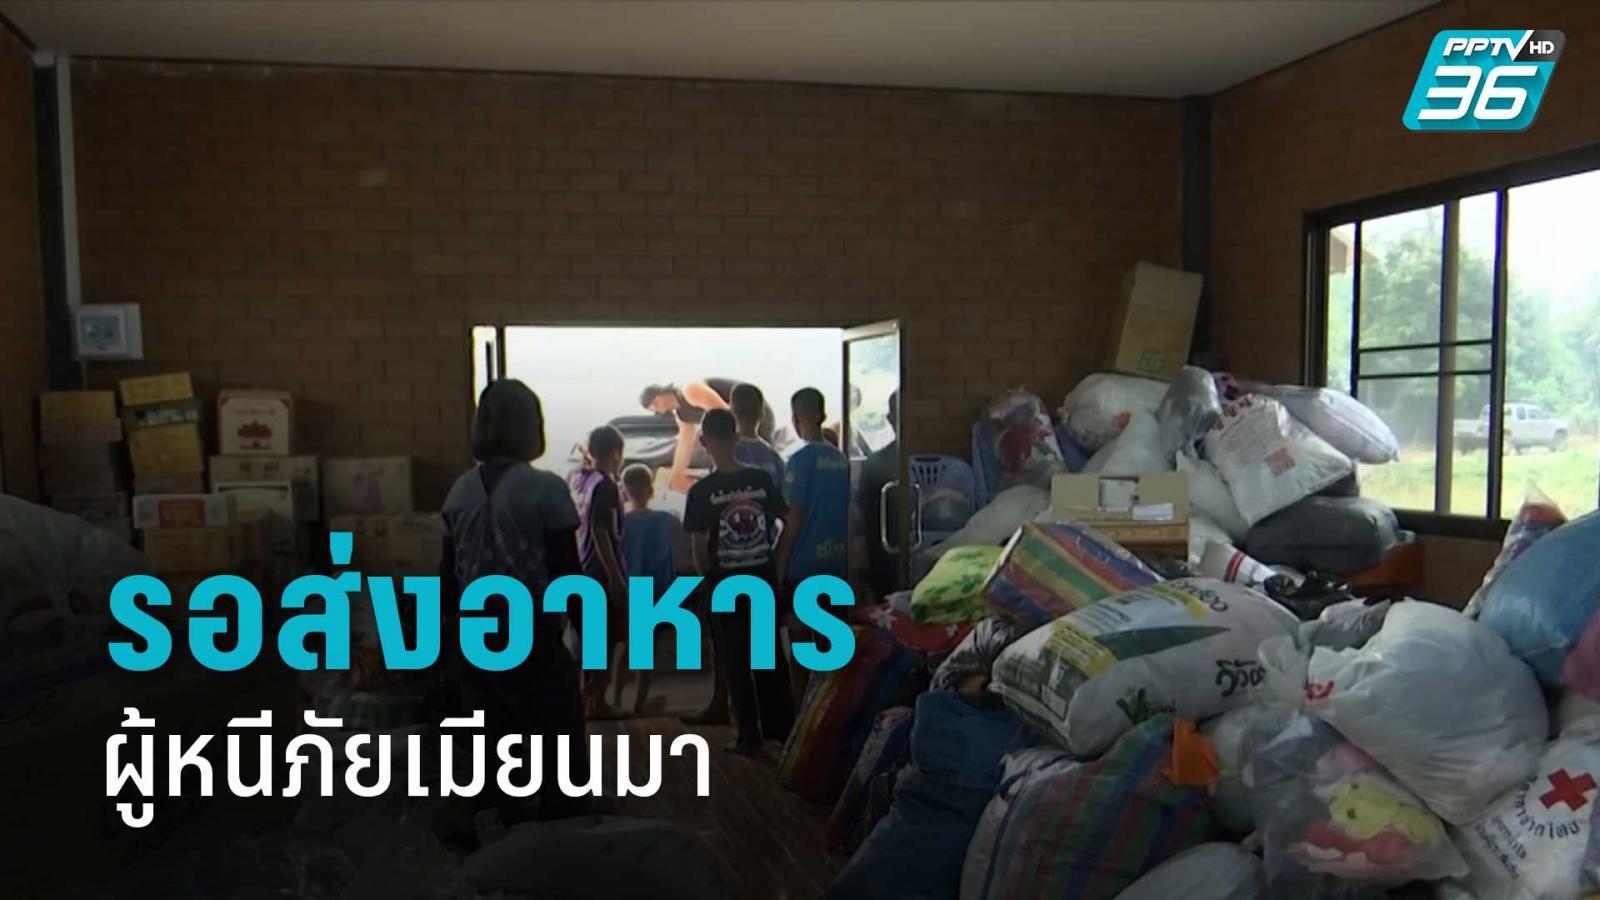 กลุ่มกะเหรี่ยงไทย รอส่งอาหารให้ผู้หนีภัย สู้รบเมียนมา